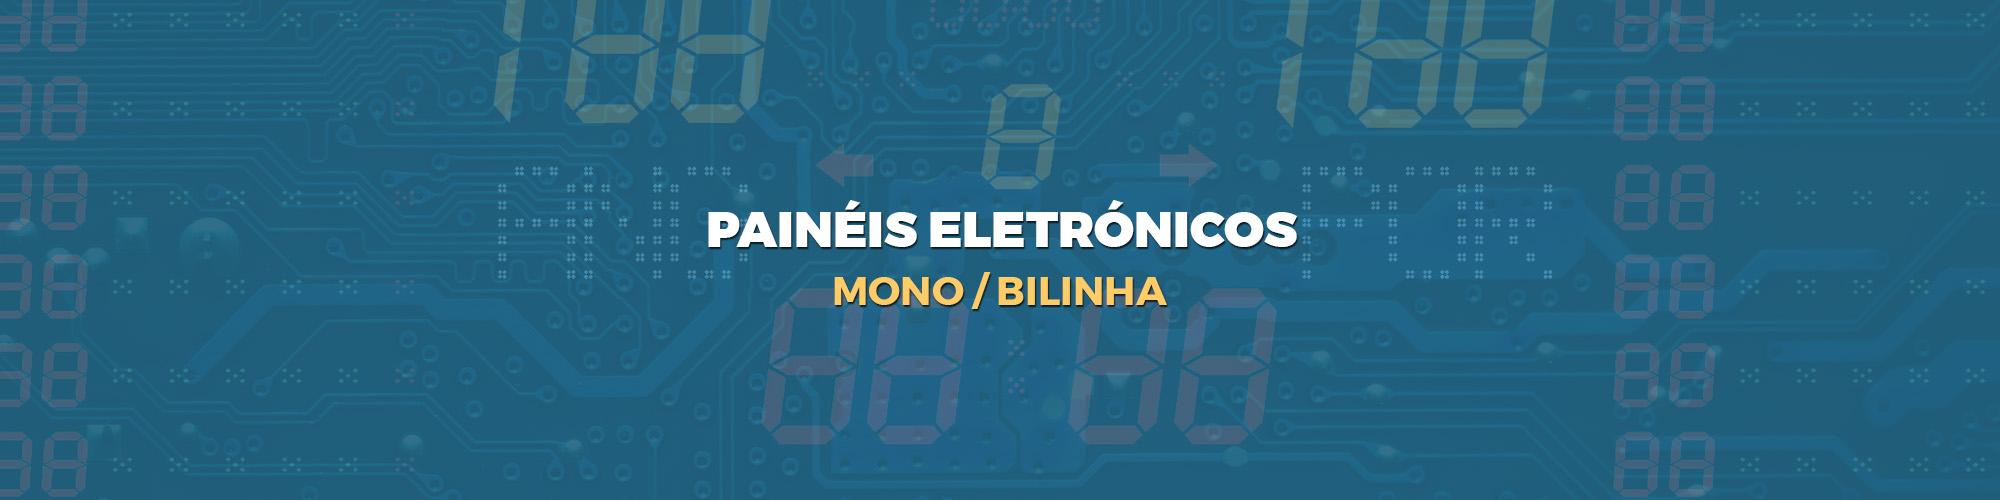 PAINÉIS ELETRÓNICOS MONO BILINHA